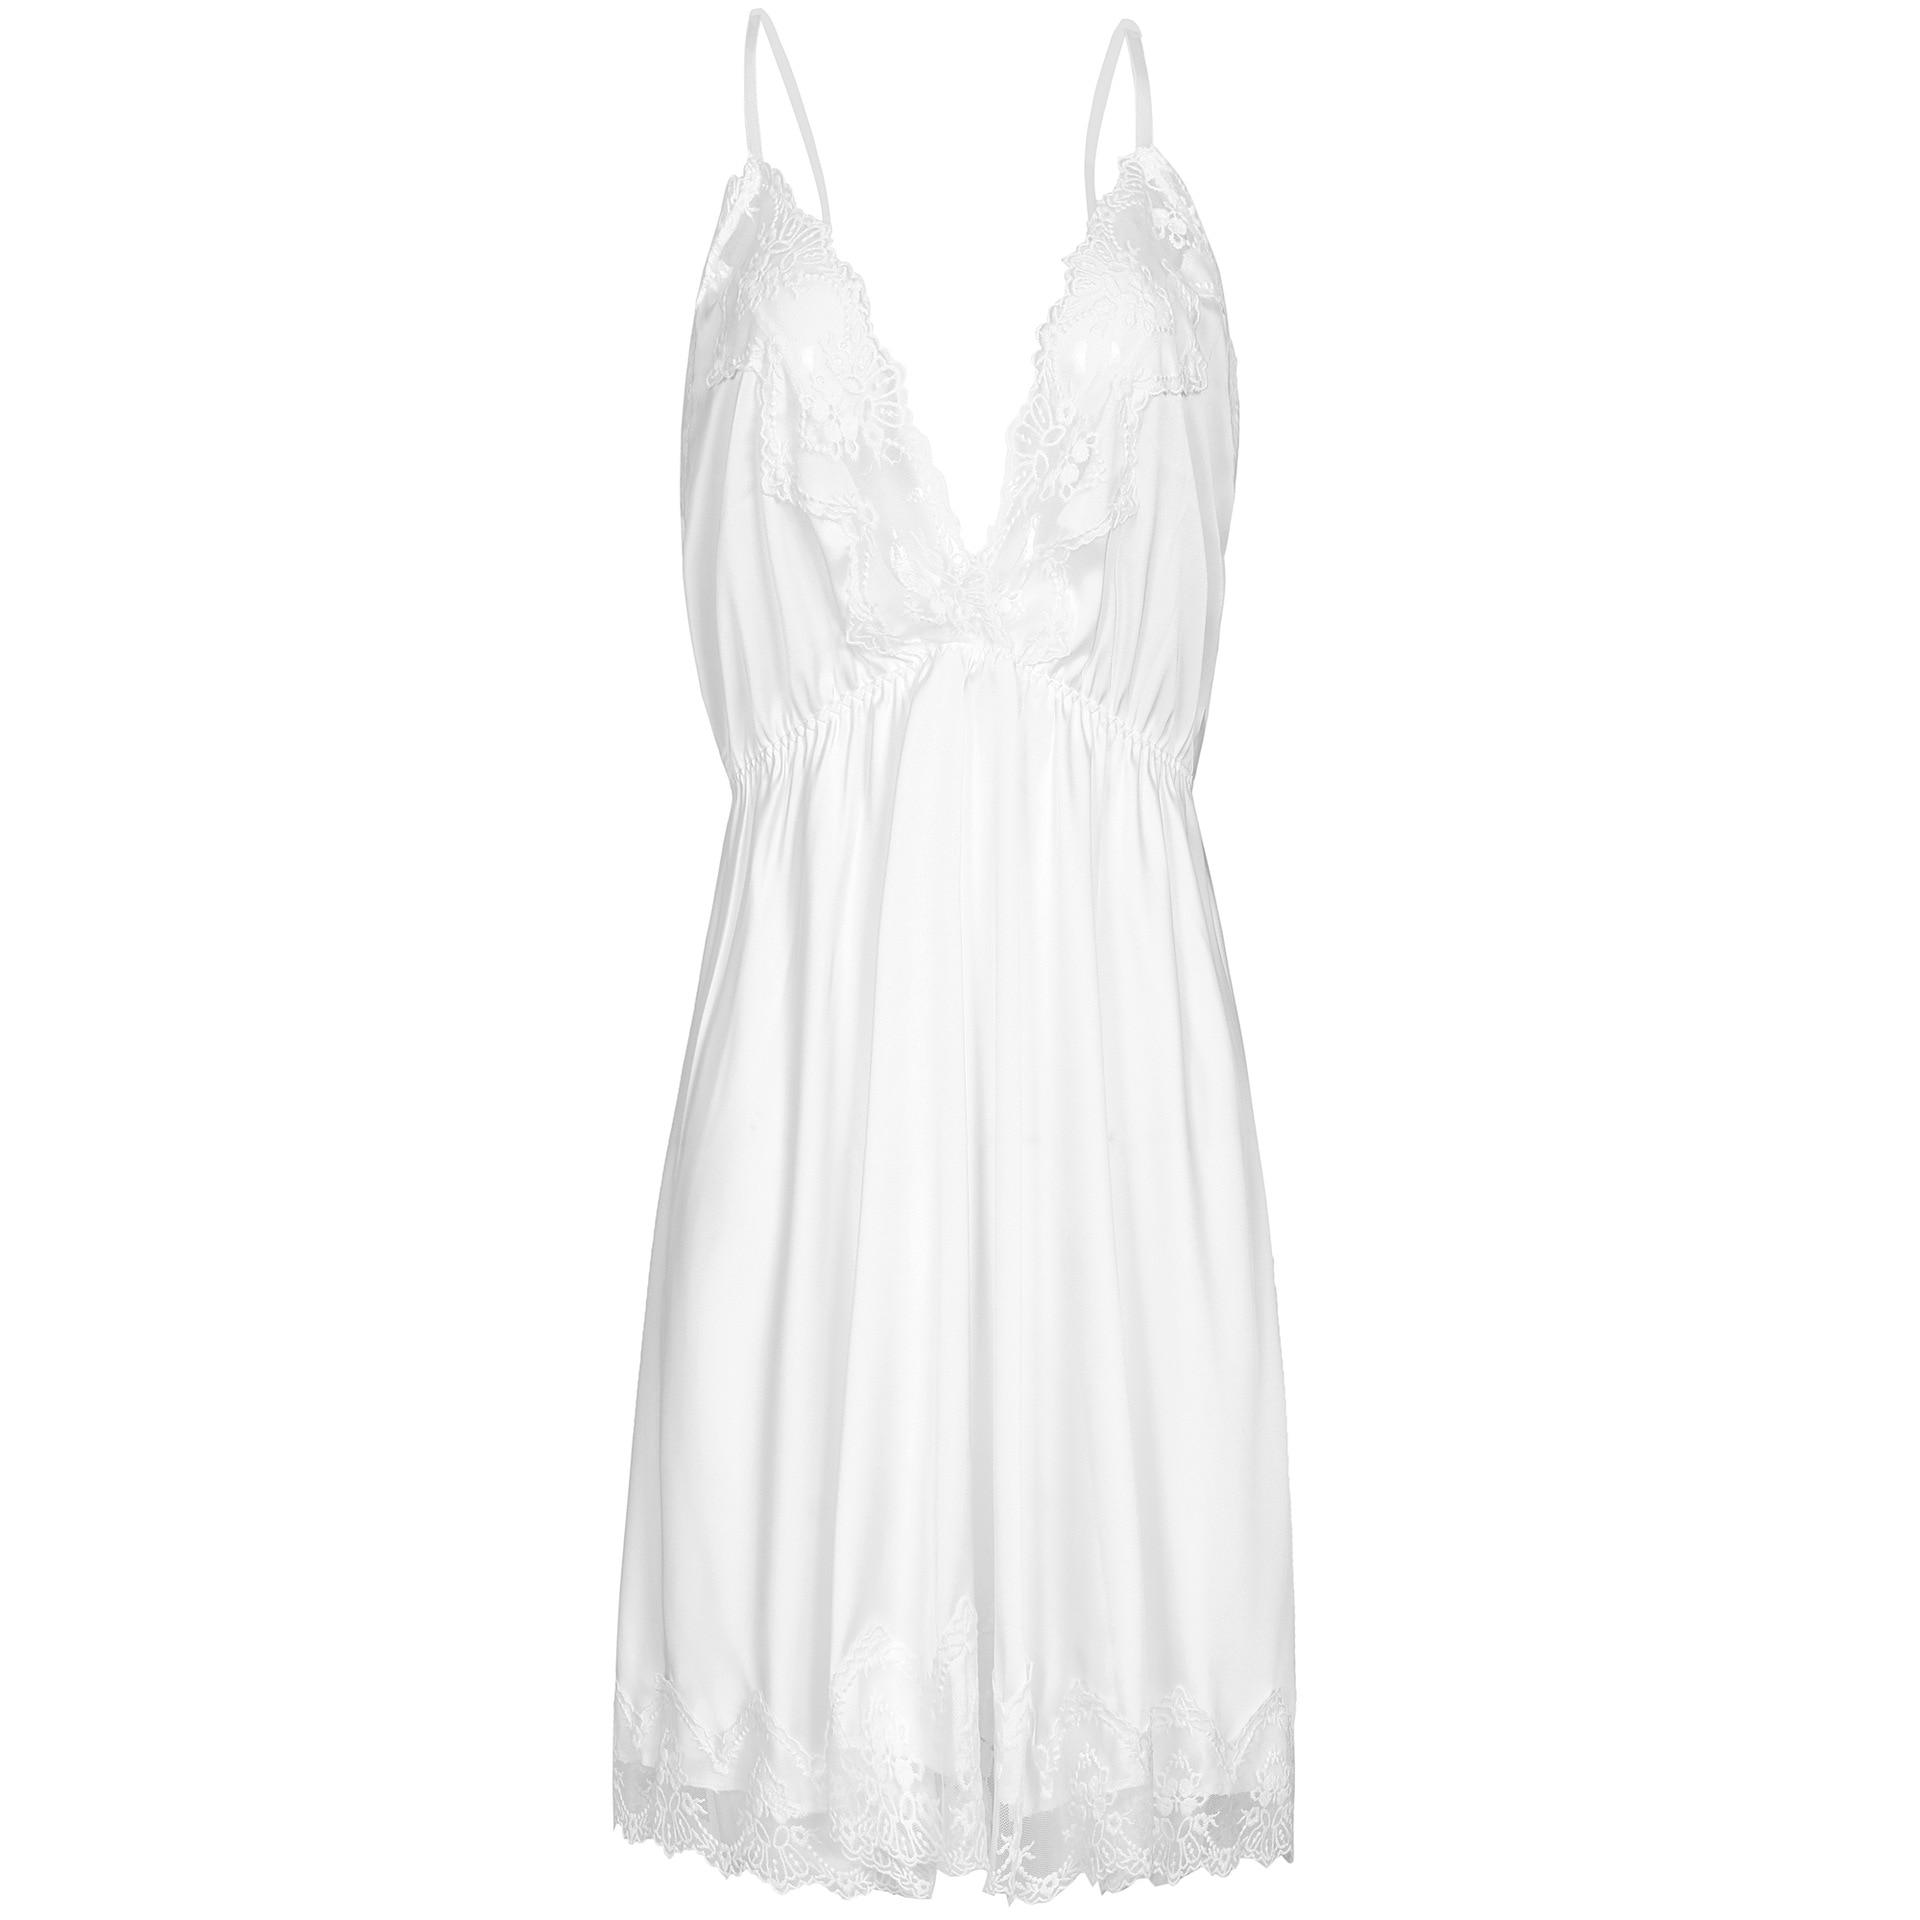 Hoge kwaliteit stretch satijn Lingerie voor dames Sexy pyjama